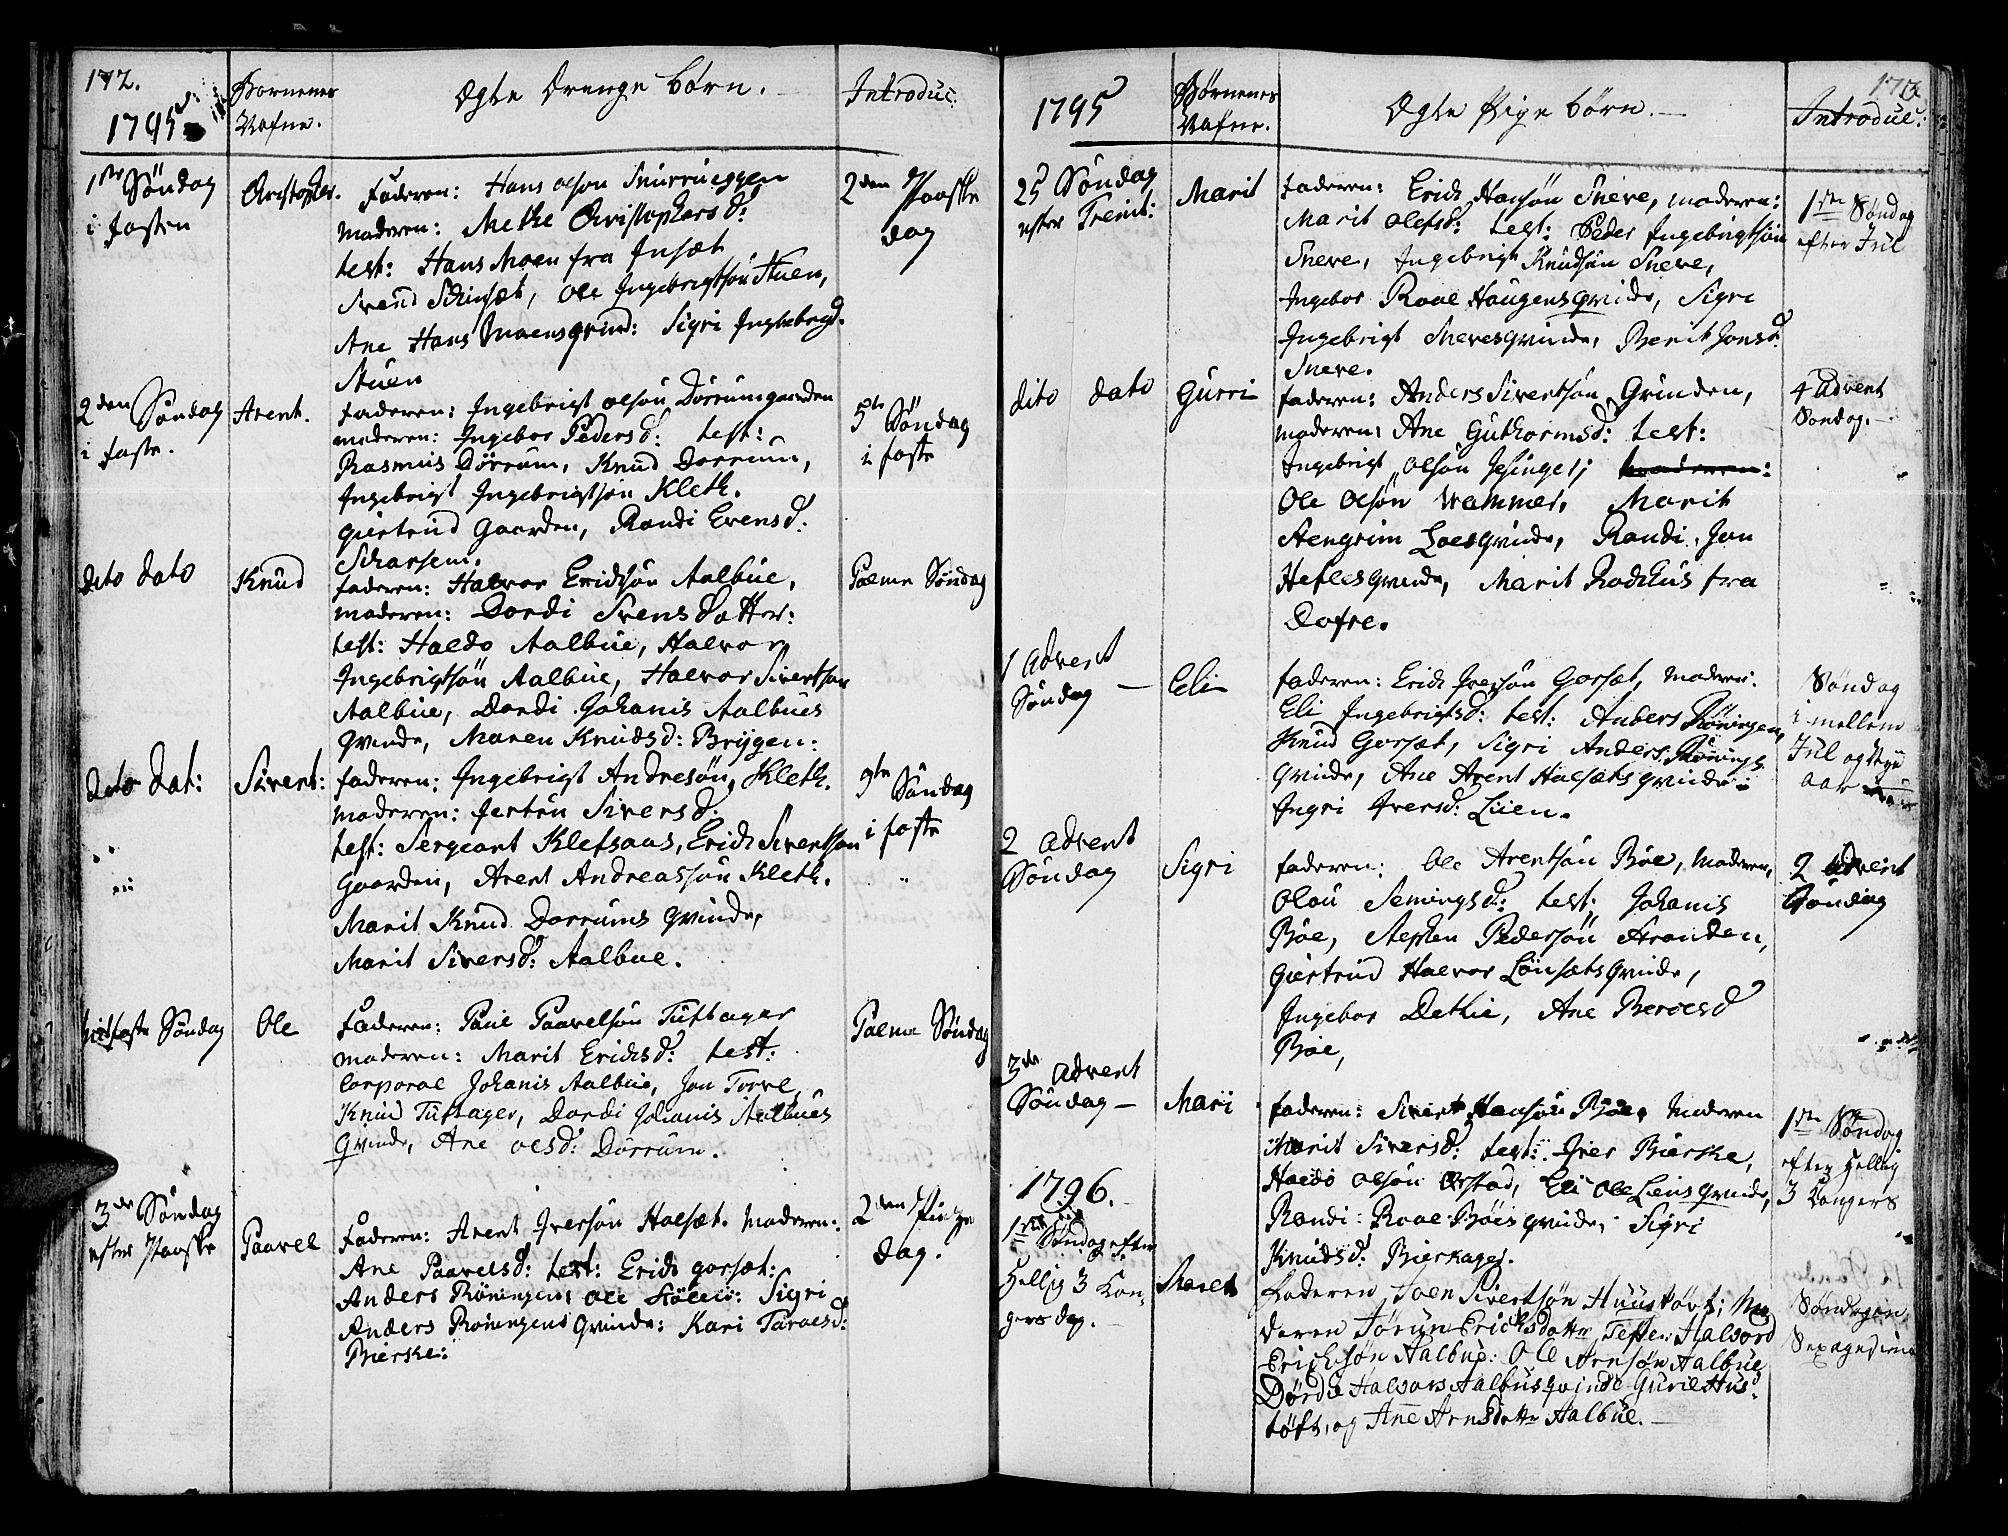 SAT, Ministerialprotokoller, klokkerbøker og fødselsregistre - Sør-Trøndelag, 678/L0893: Ministerialbok nr. 678A03, 1792-1805, s. 172-173